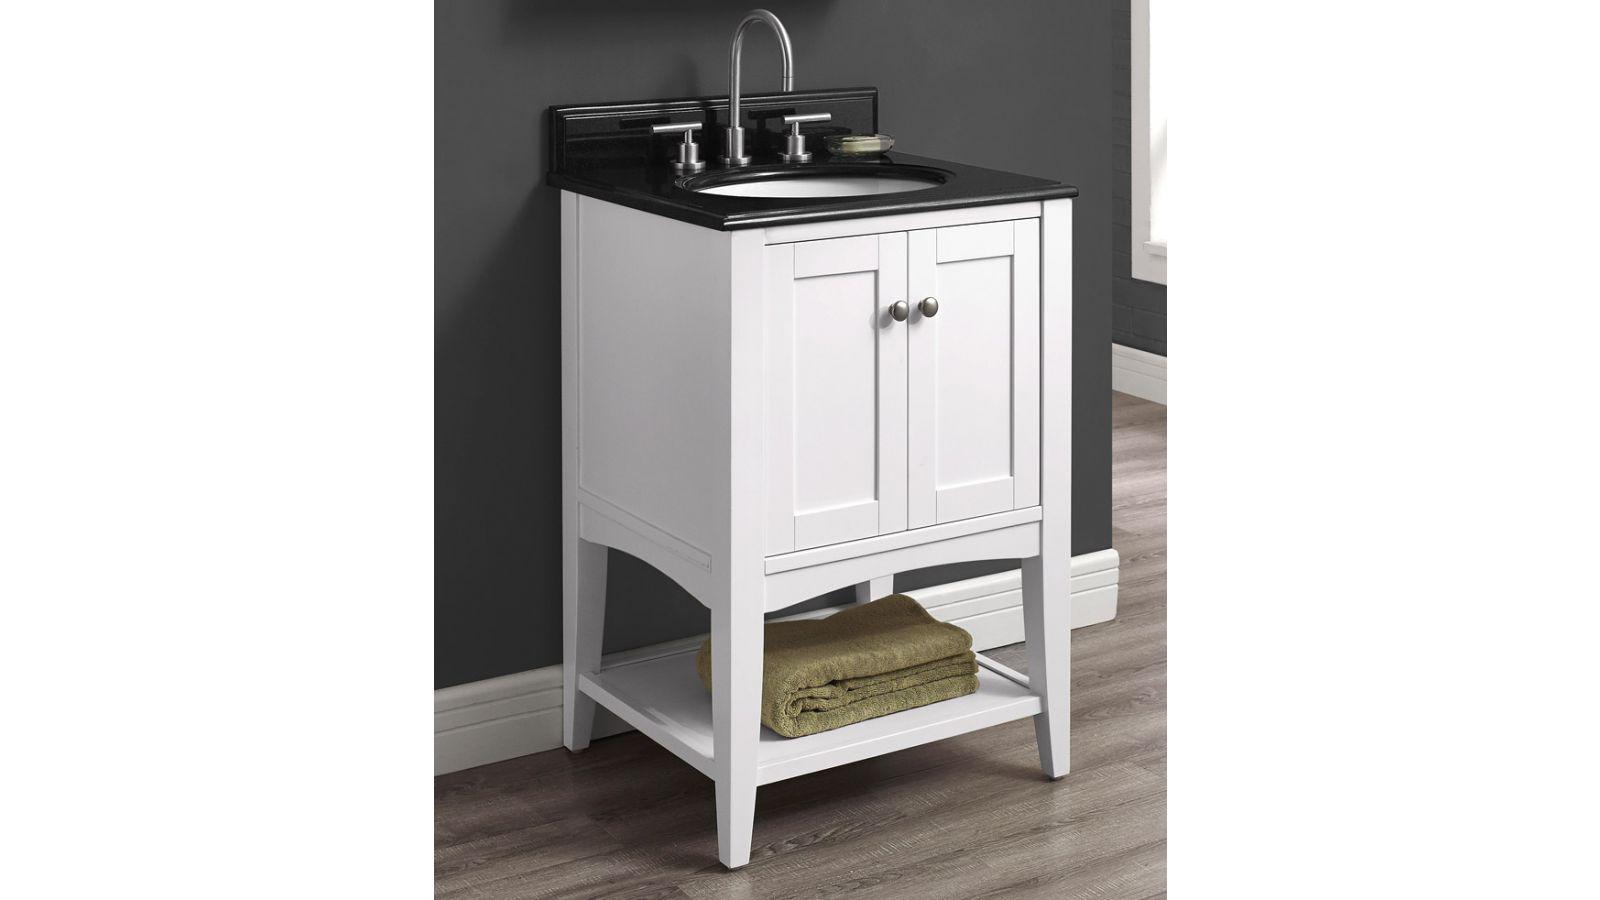 Shaker Americana 24 Open Shelf Vanity - Polar White